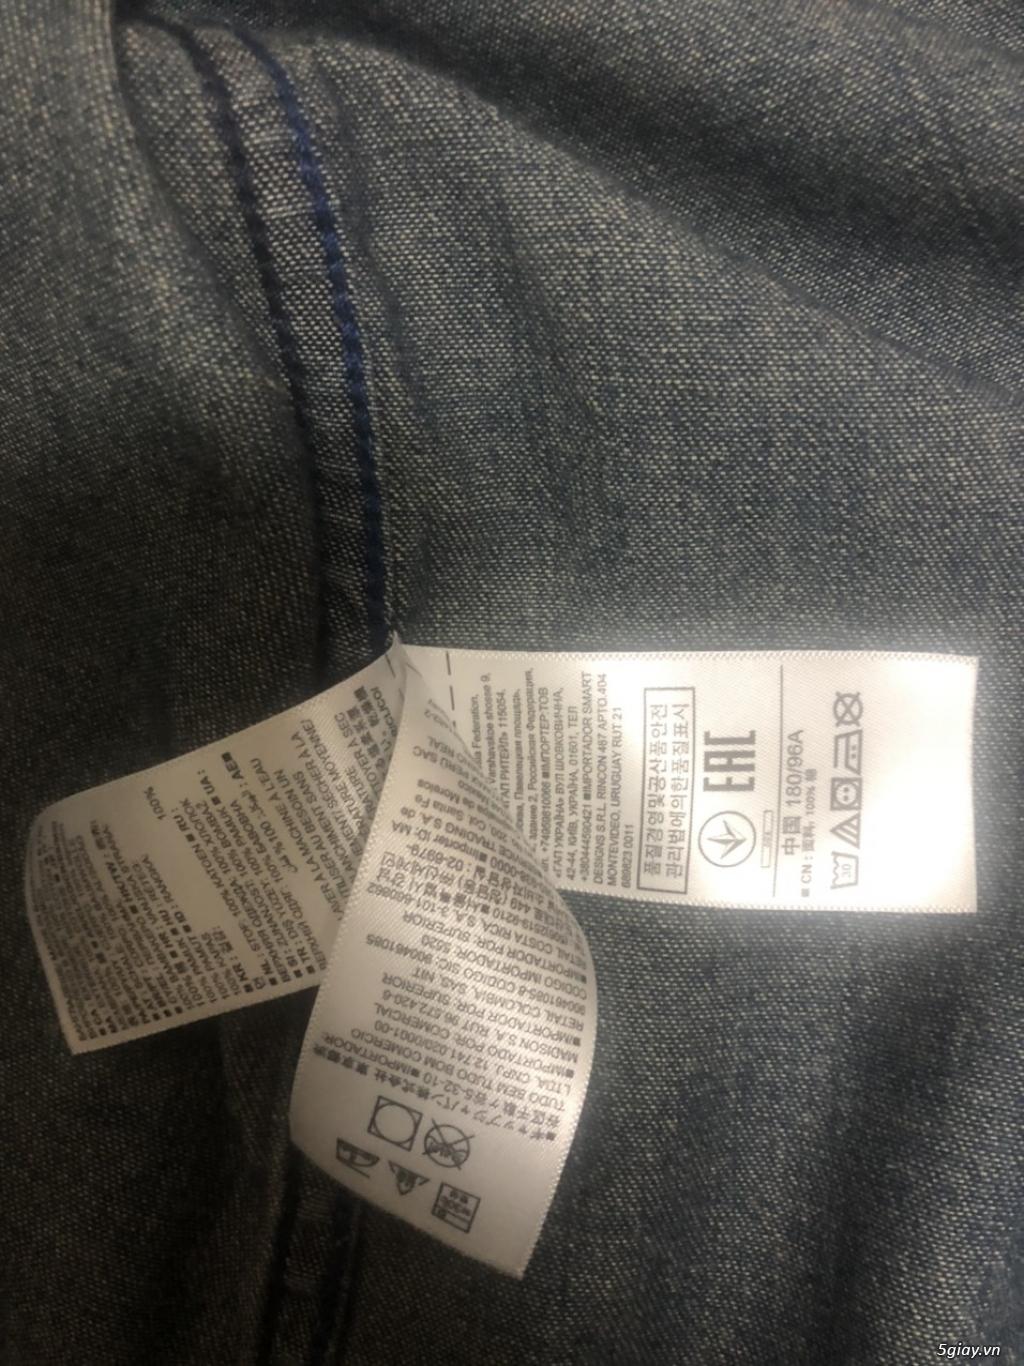 Thanh lý quần áo nam hàng hiệu- chính hãng giá tốt. - 4